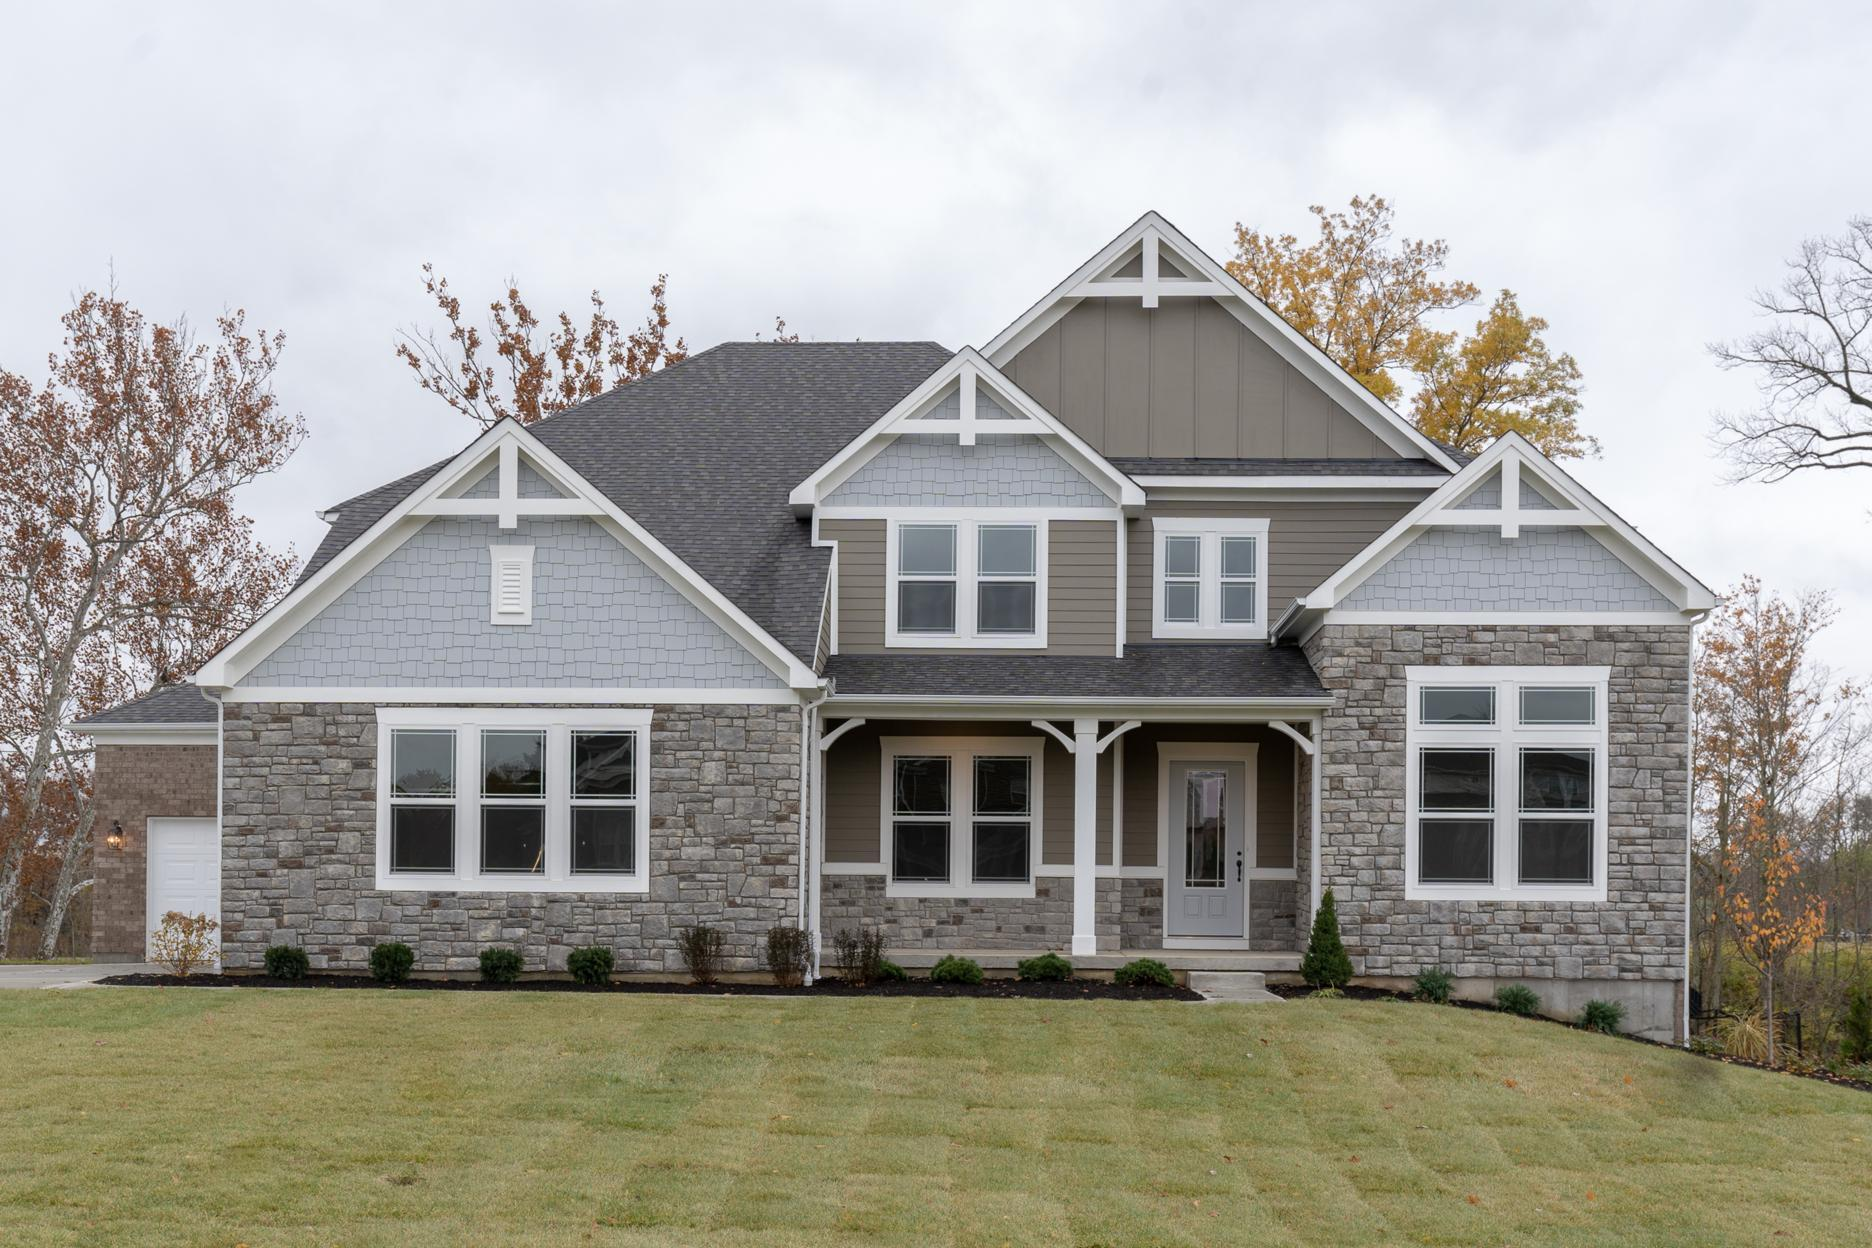 单亲家庭 为 销售 在 Mount Vernon 5481 Sentinel Oak Drive Mason, Ohio 45040 United States